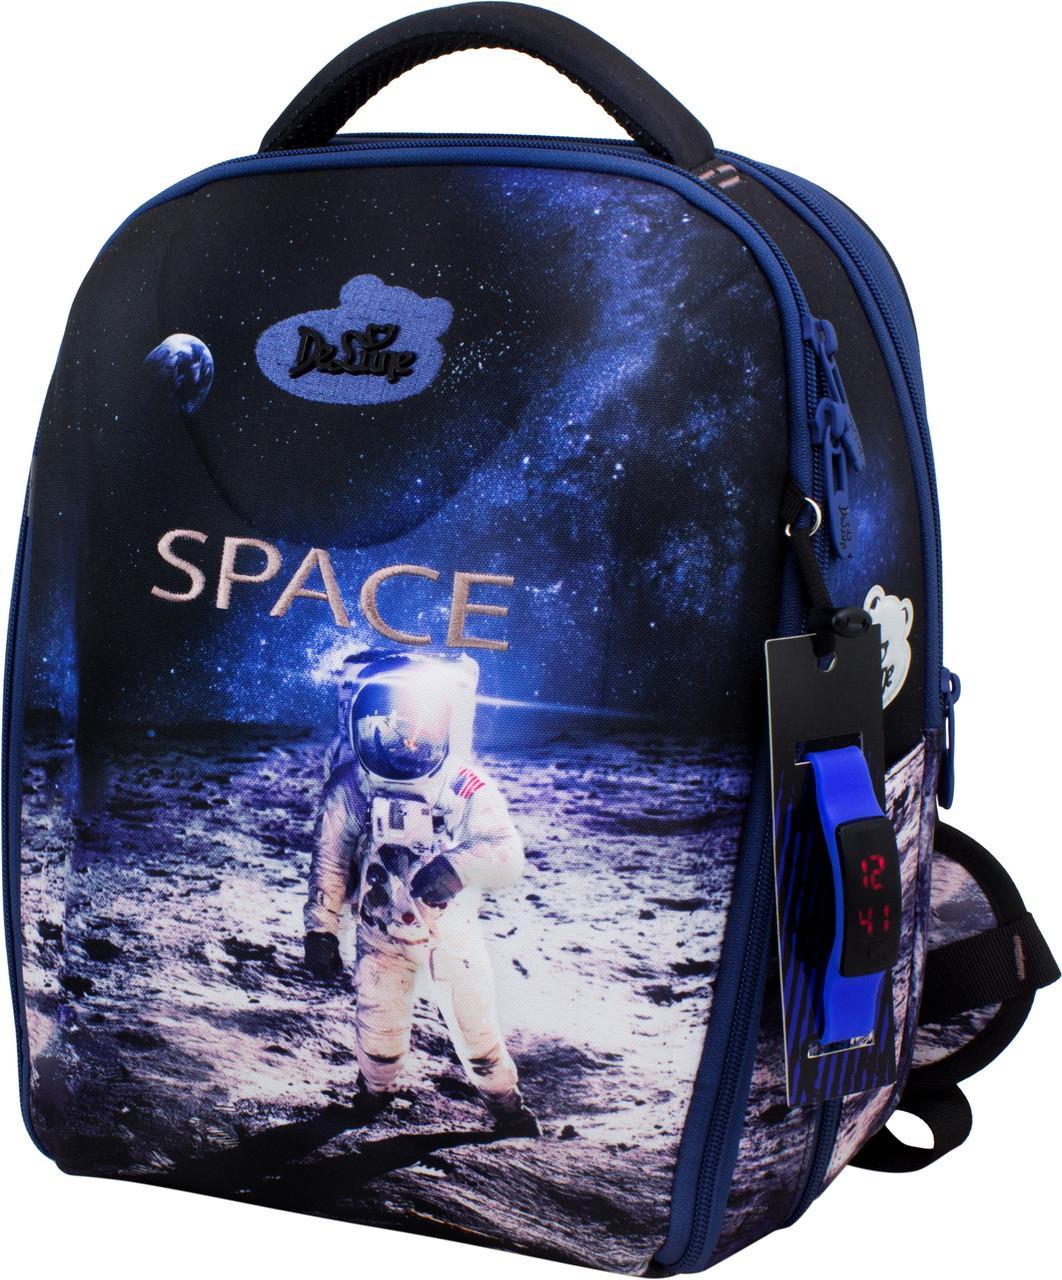 Рюкзак школьный каркасный с наполнением DeLune 7mini-019